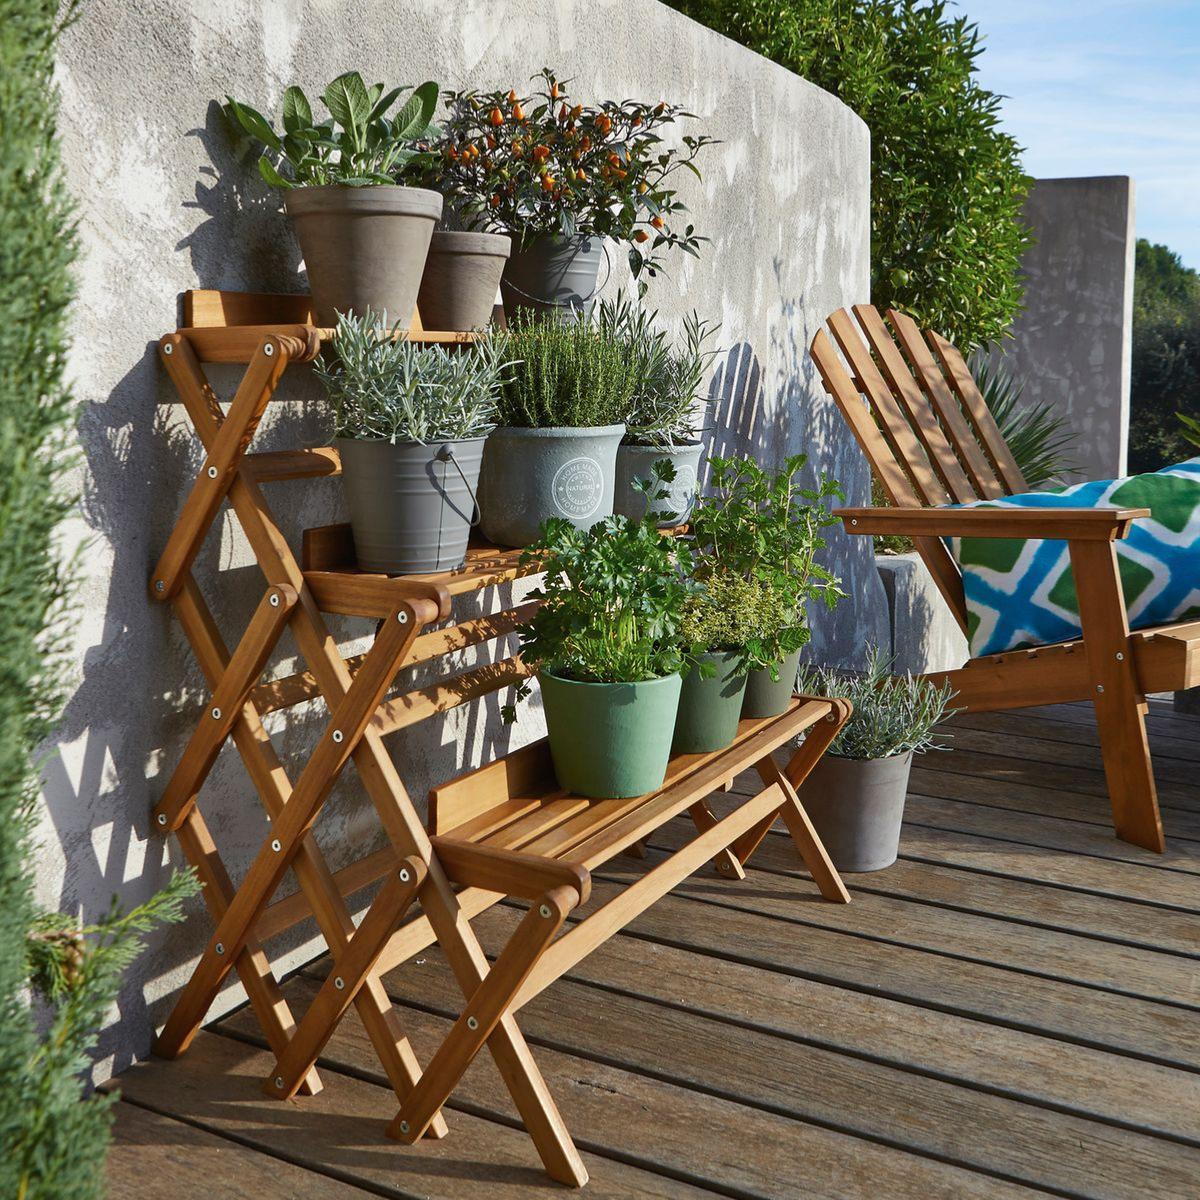 Étagère De Jardin Pour Plantes 3 Niveaux Pliable intérieur Etagere De Jardin Pour Plantes